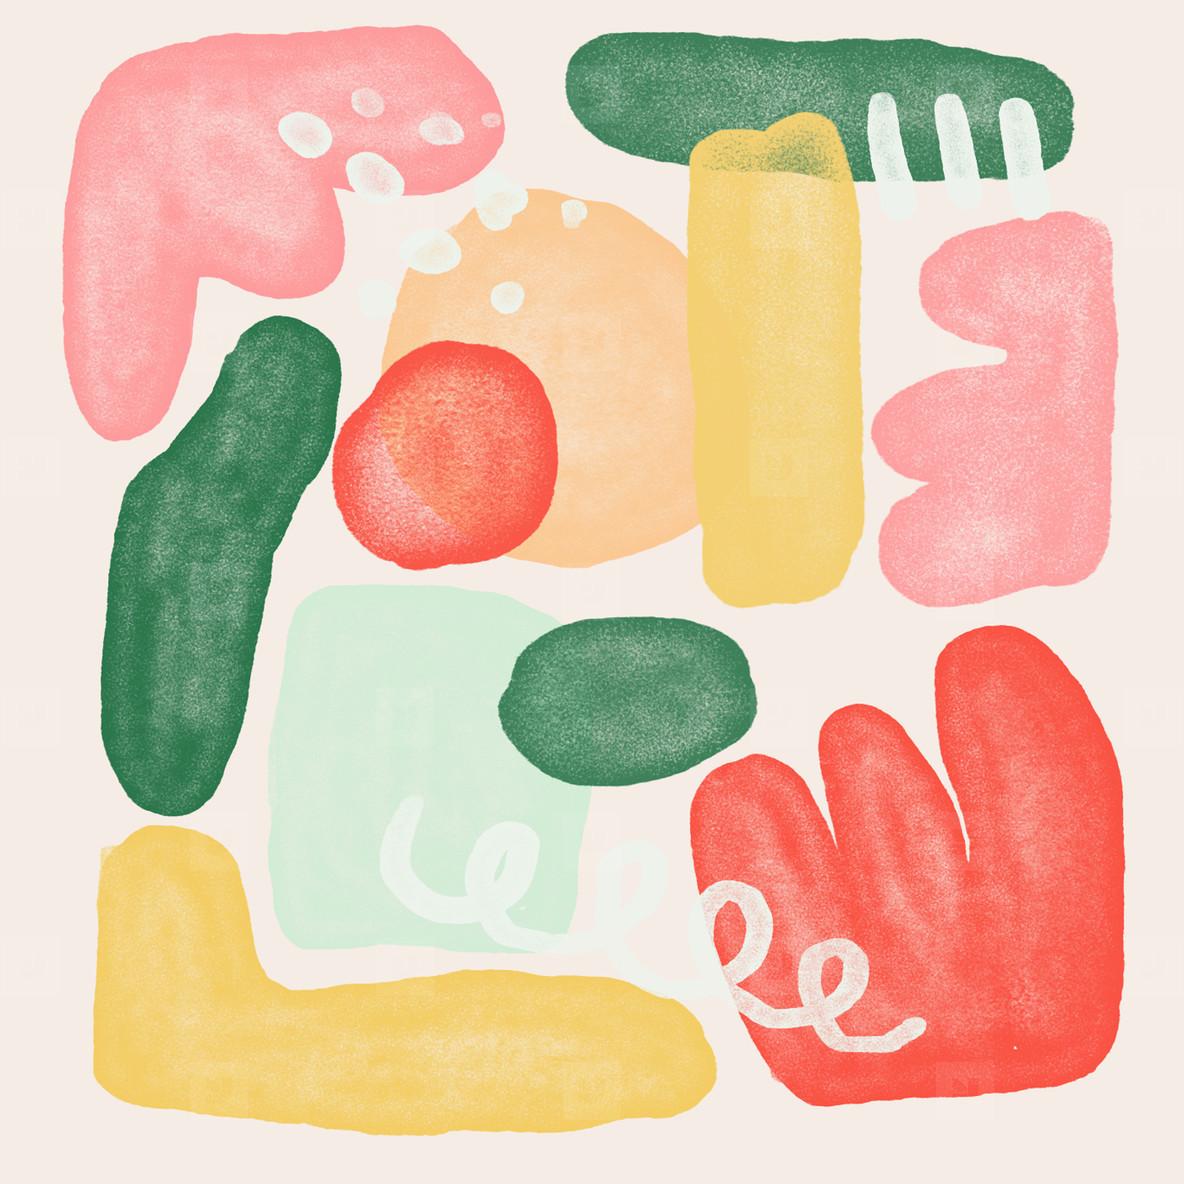 Fruit Salad 05